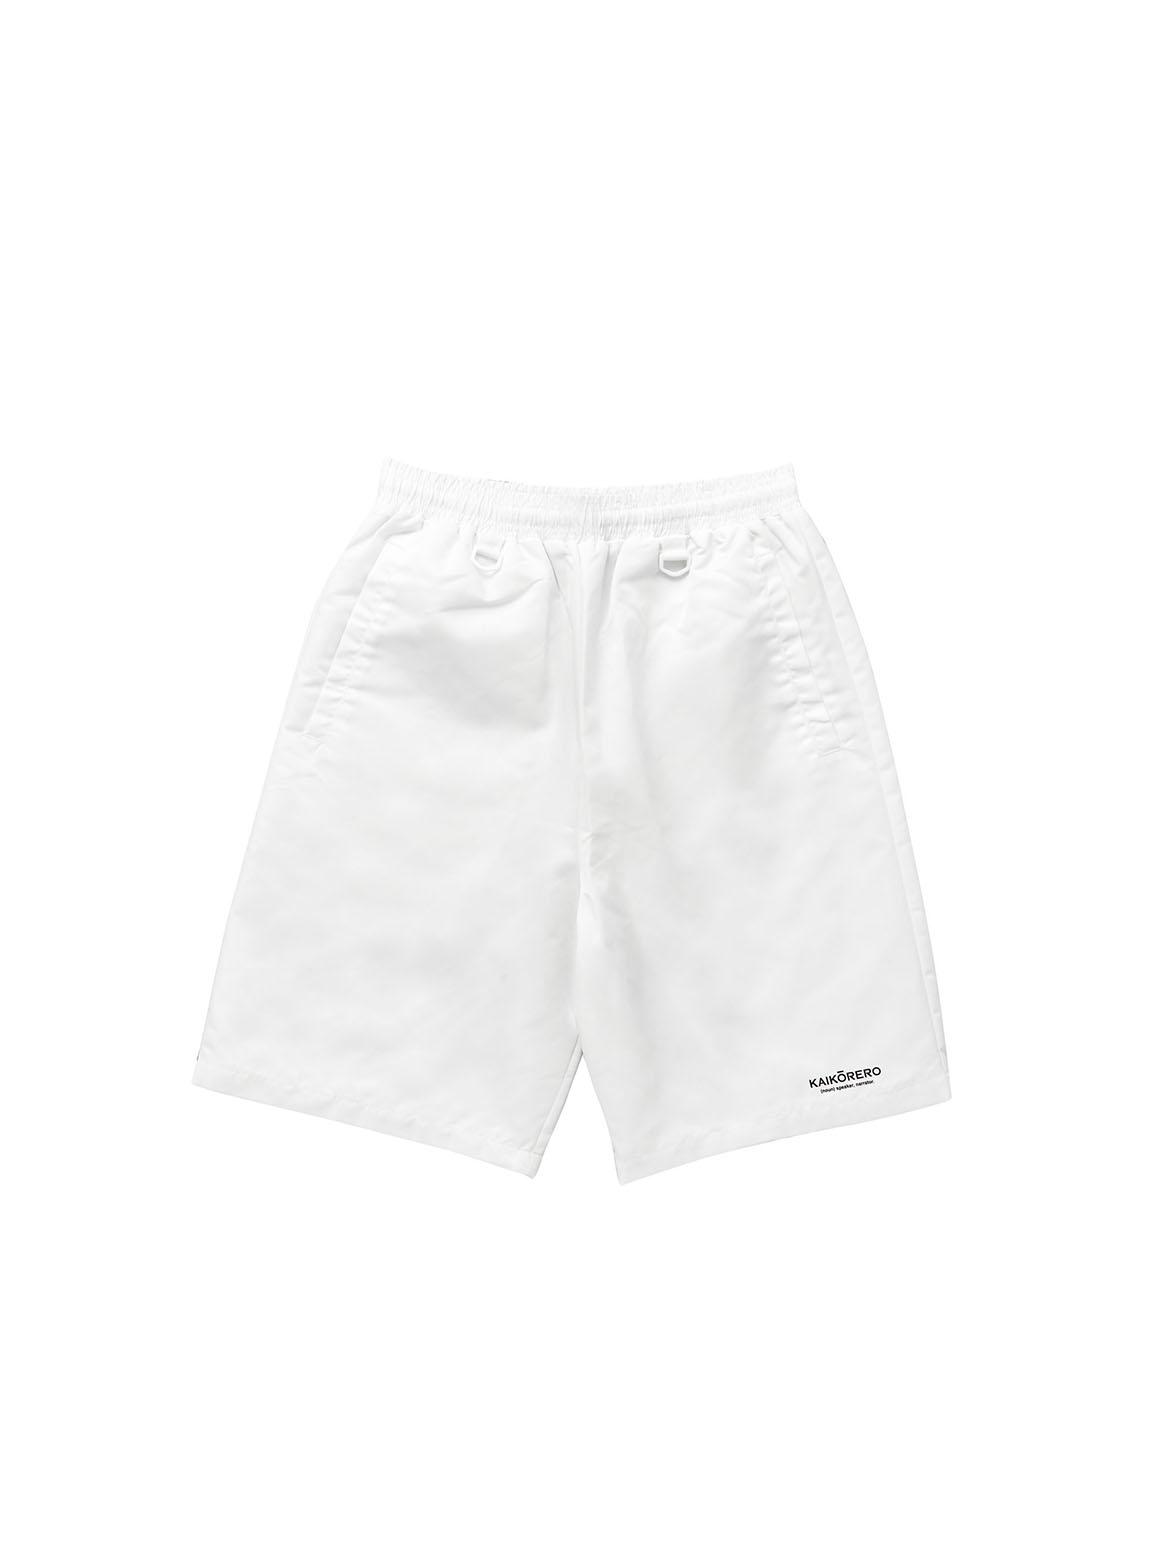 Nylon track shorts